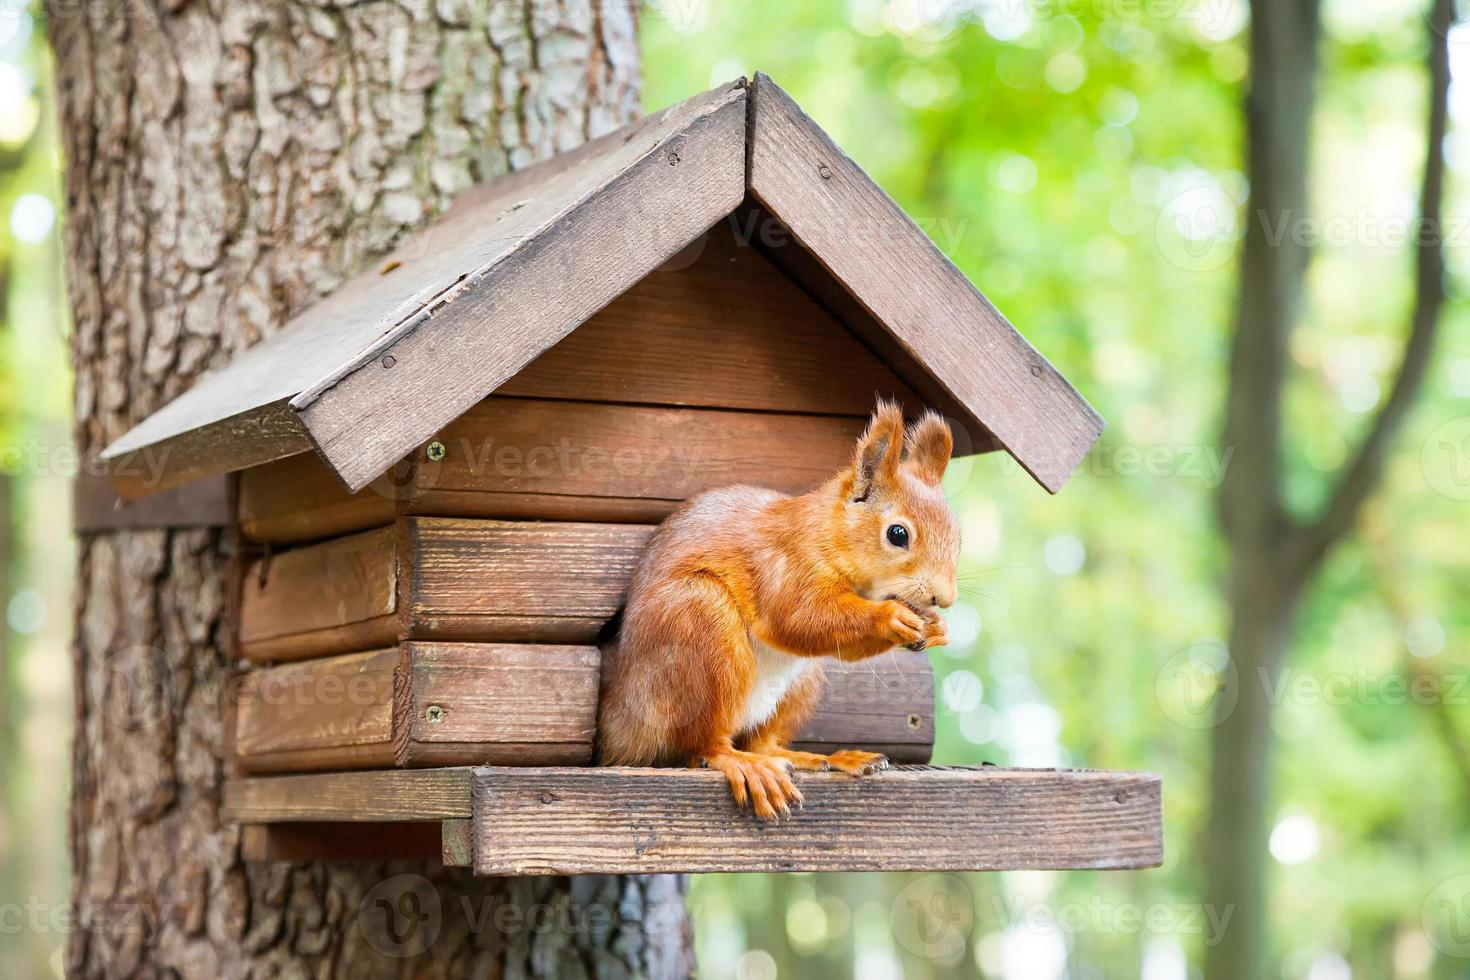 wilde eekhoorn eet in zijn huis foto